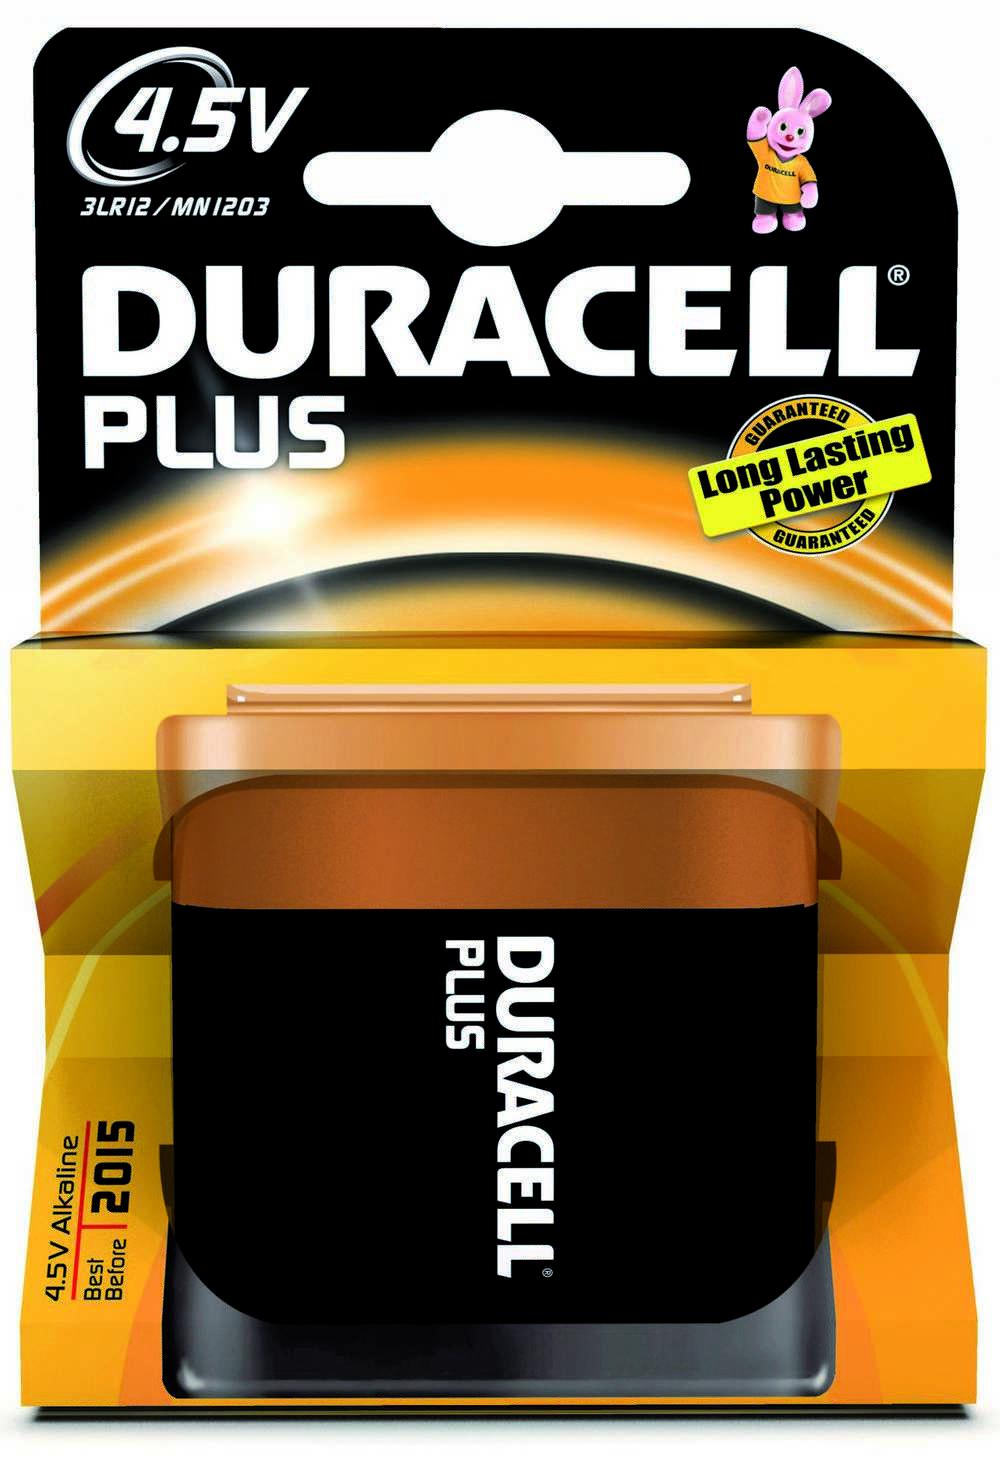 Batterij Alk Plat 4.5v